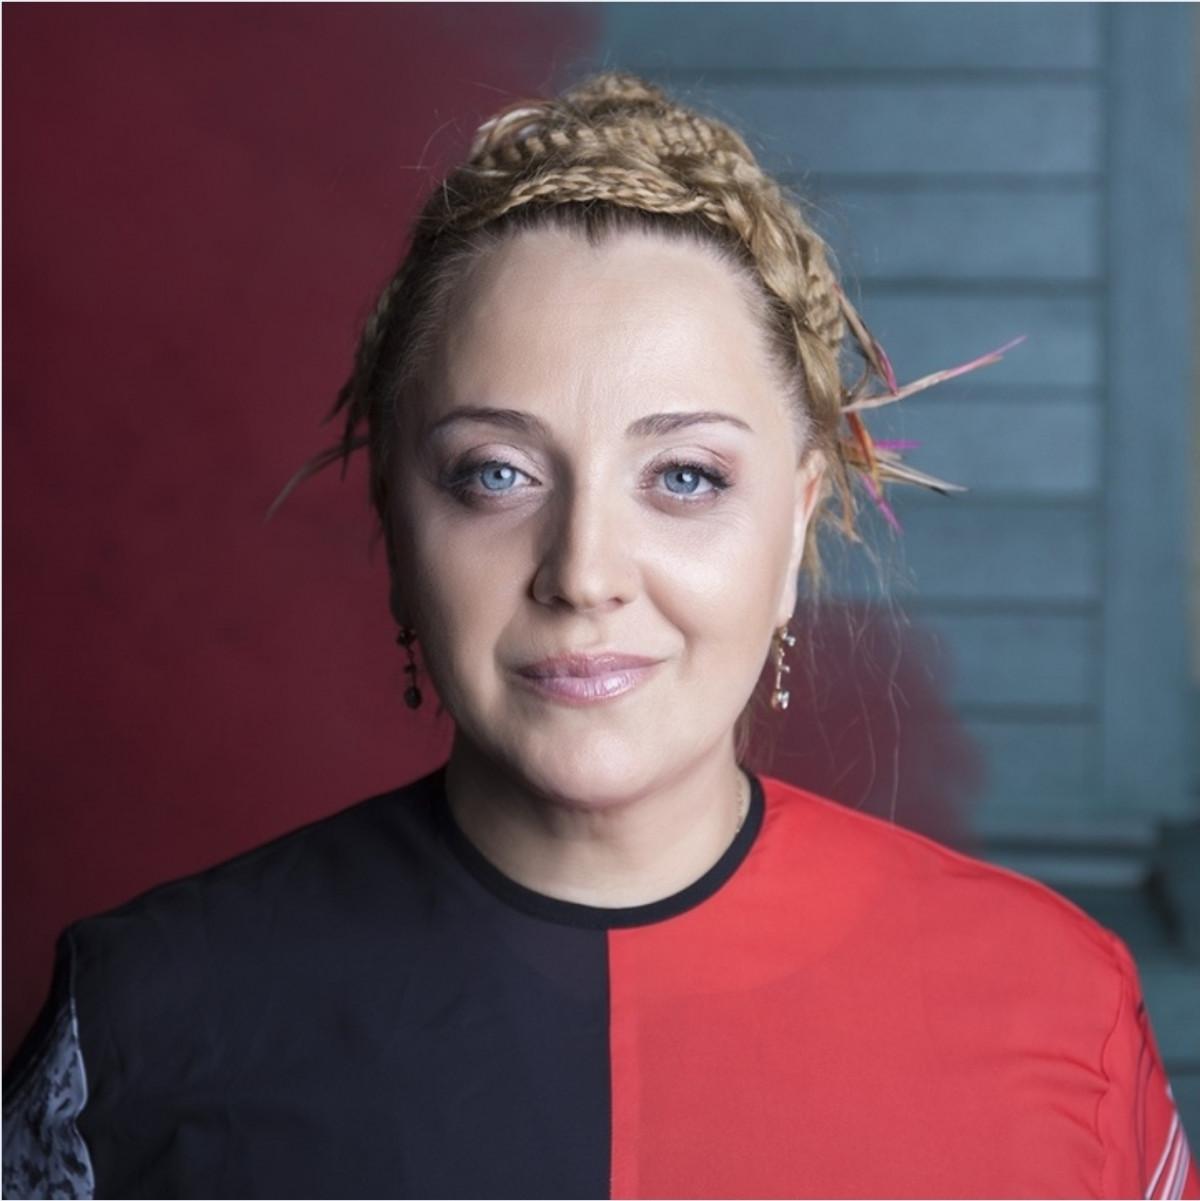 Klaipėdos džiazo festivalyje Sakartvelo vokalo deimantas Nino Katamadze